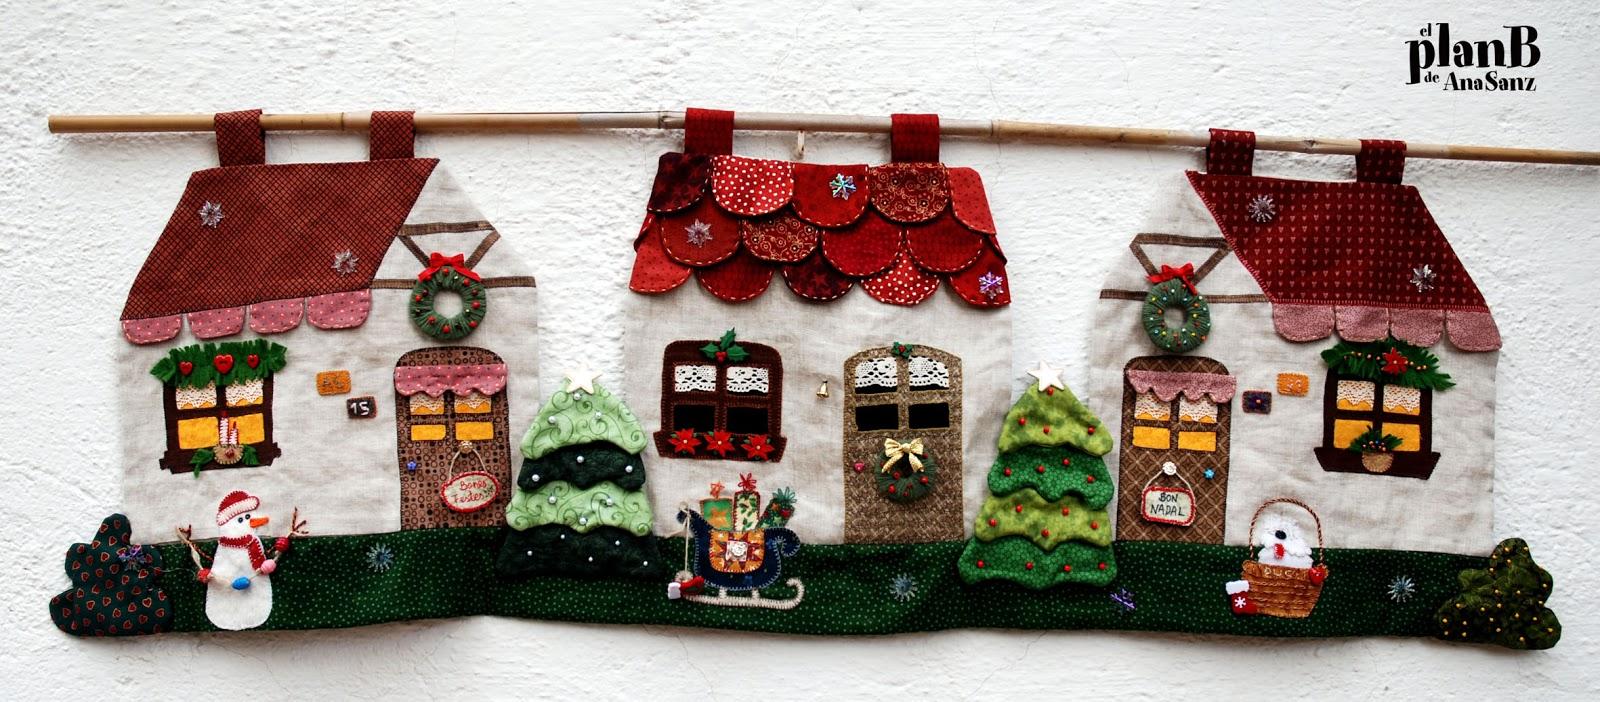 Bocinets d 39 enc s unas casitas de navidad - Casitas de navidad ...